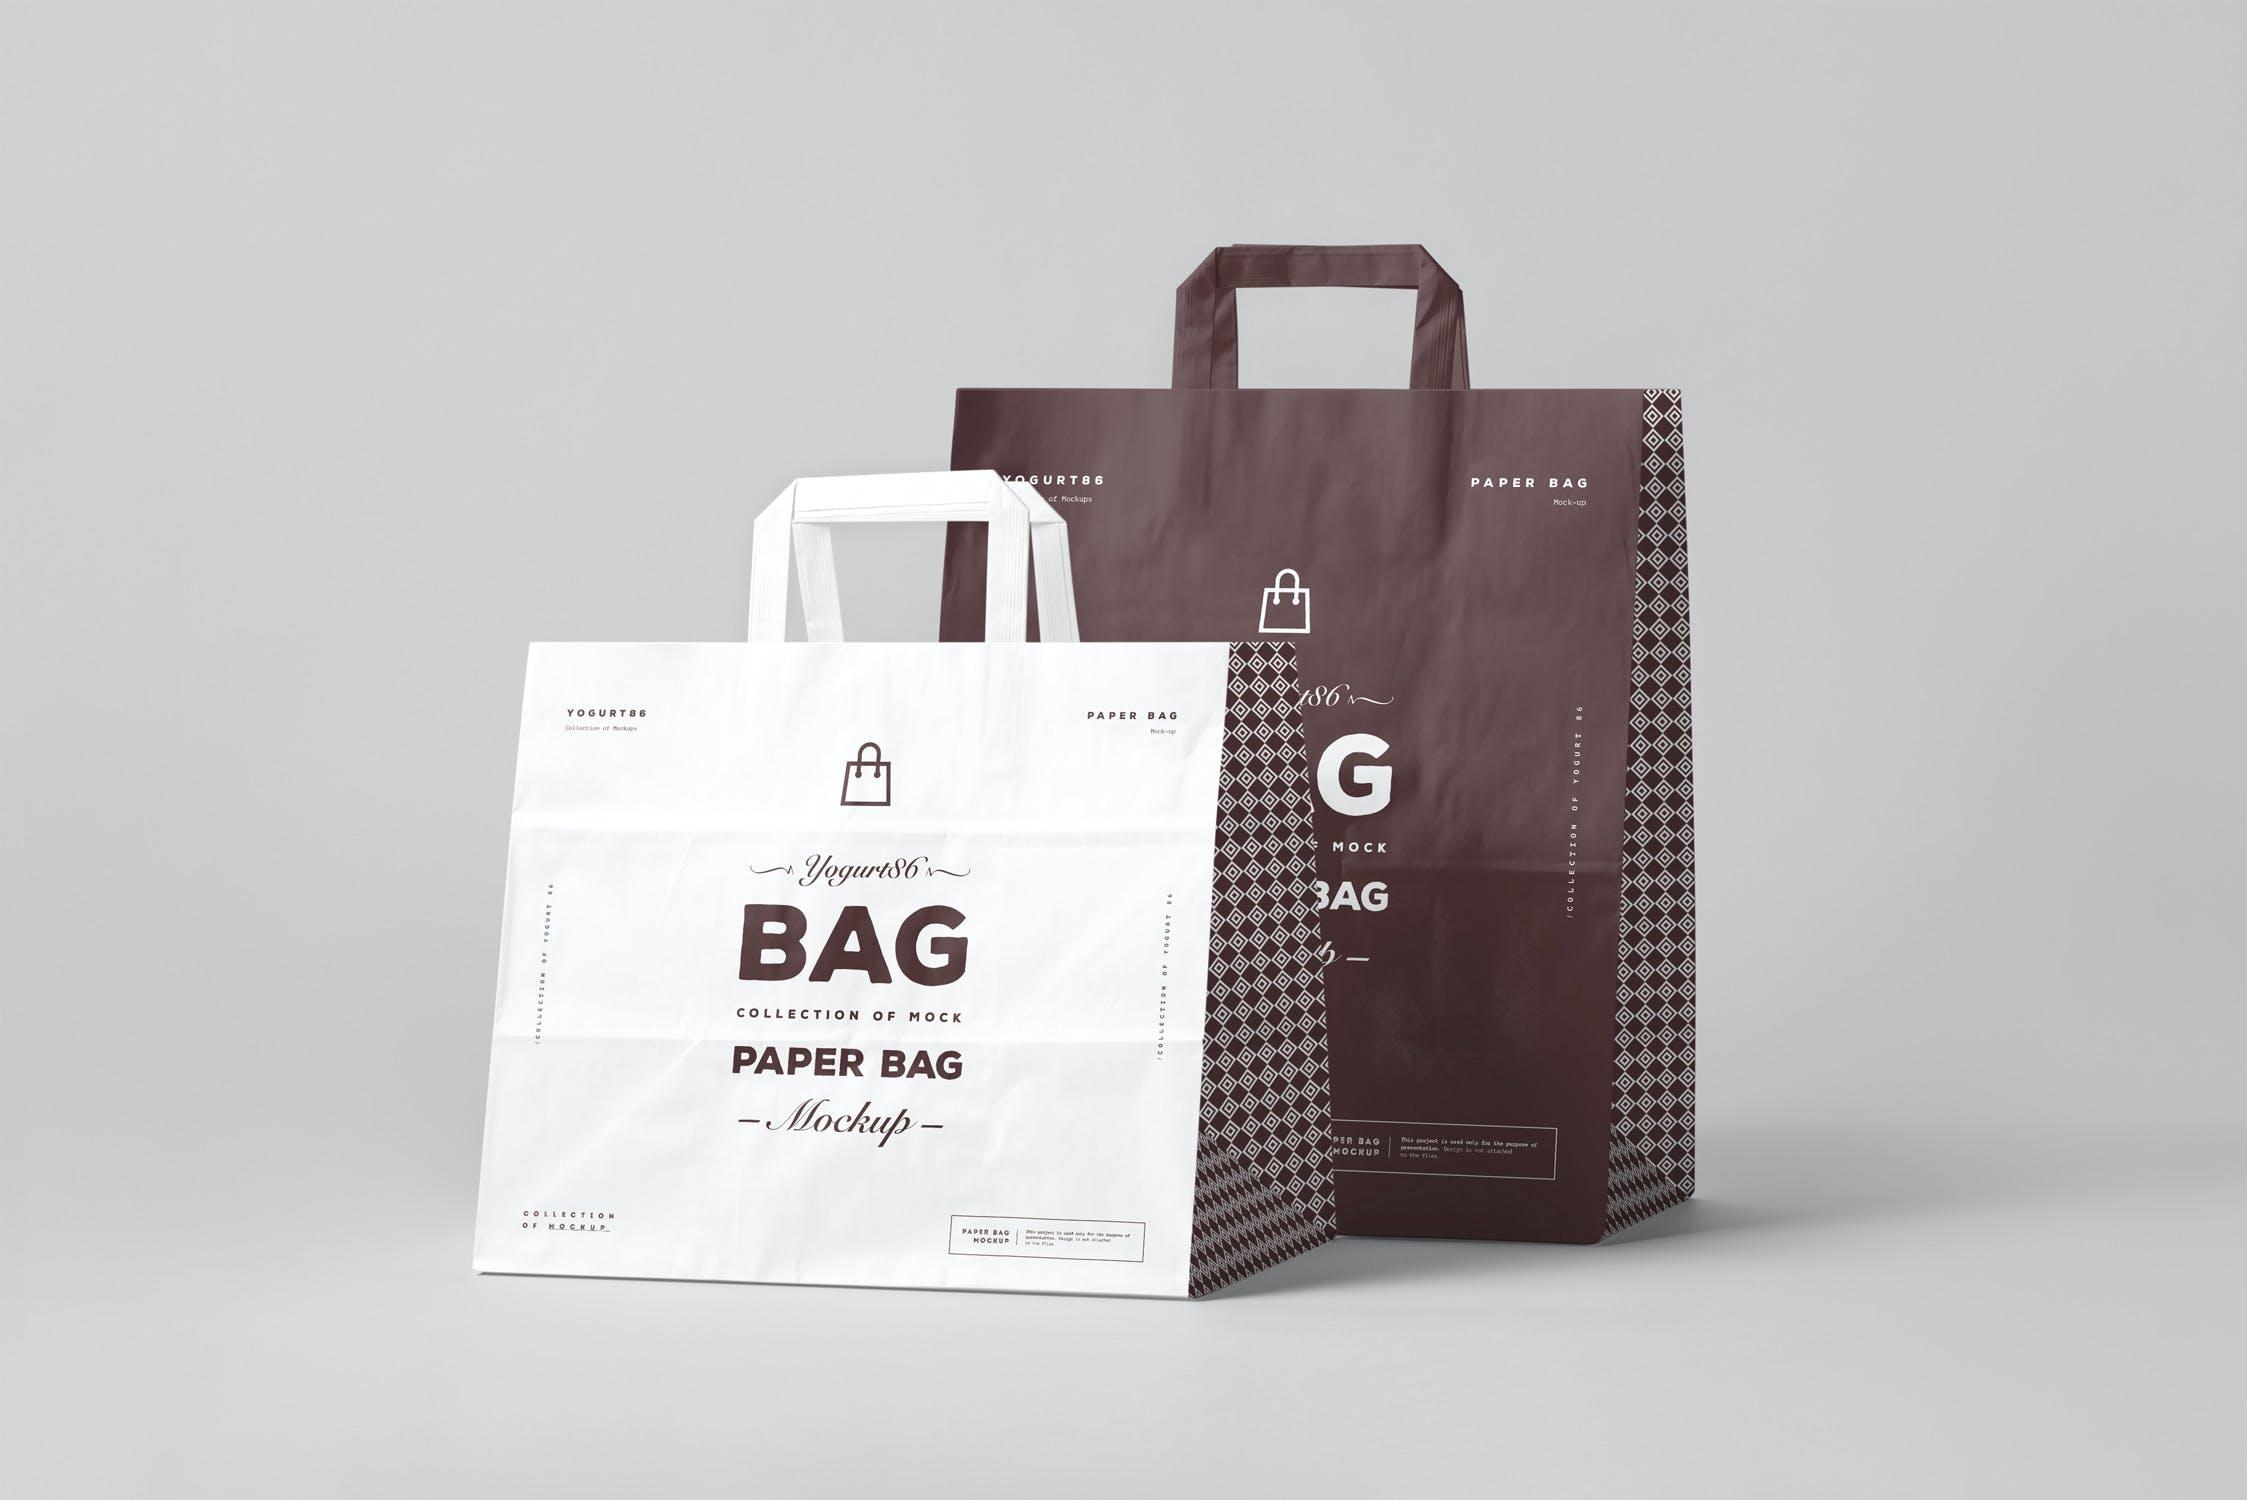 11款商城购物手提纸袋设计展示样机 Paper Bag Mockup 3插图(4)